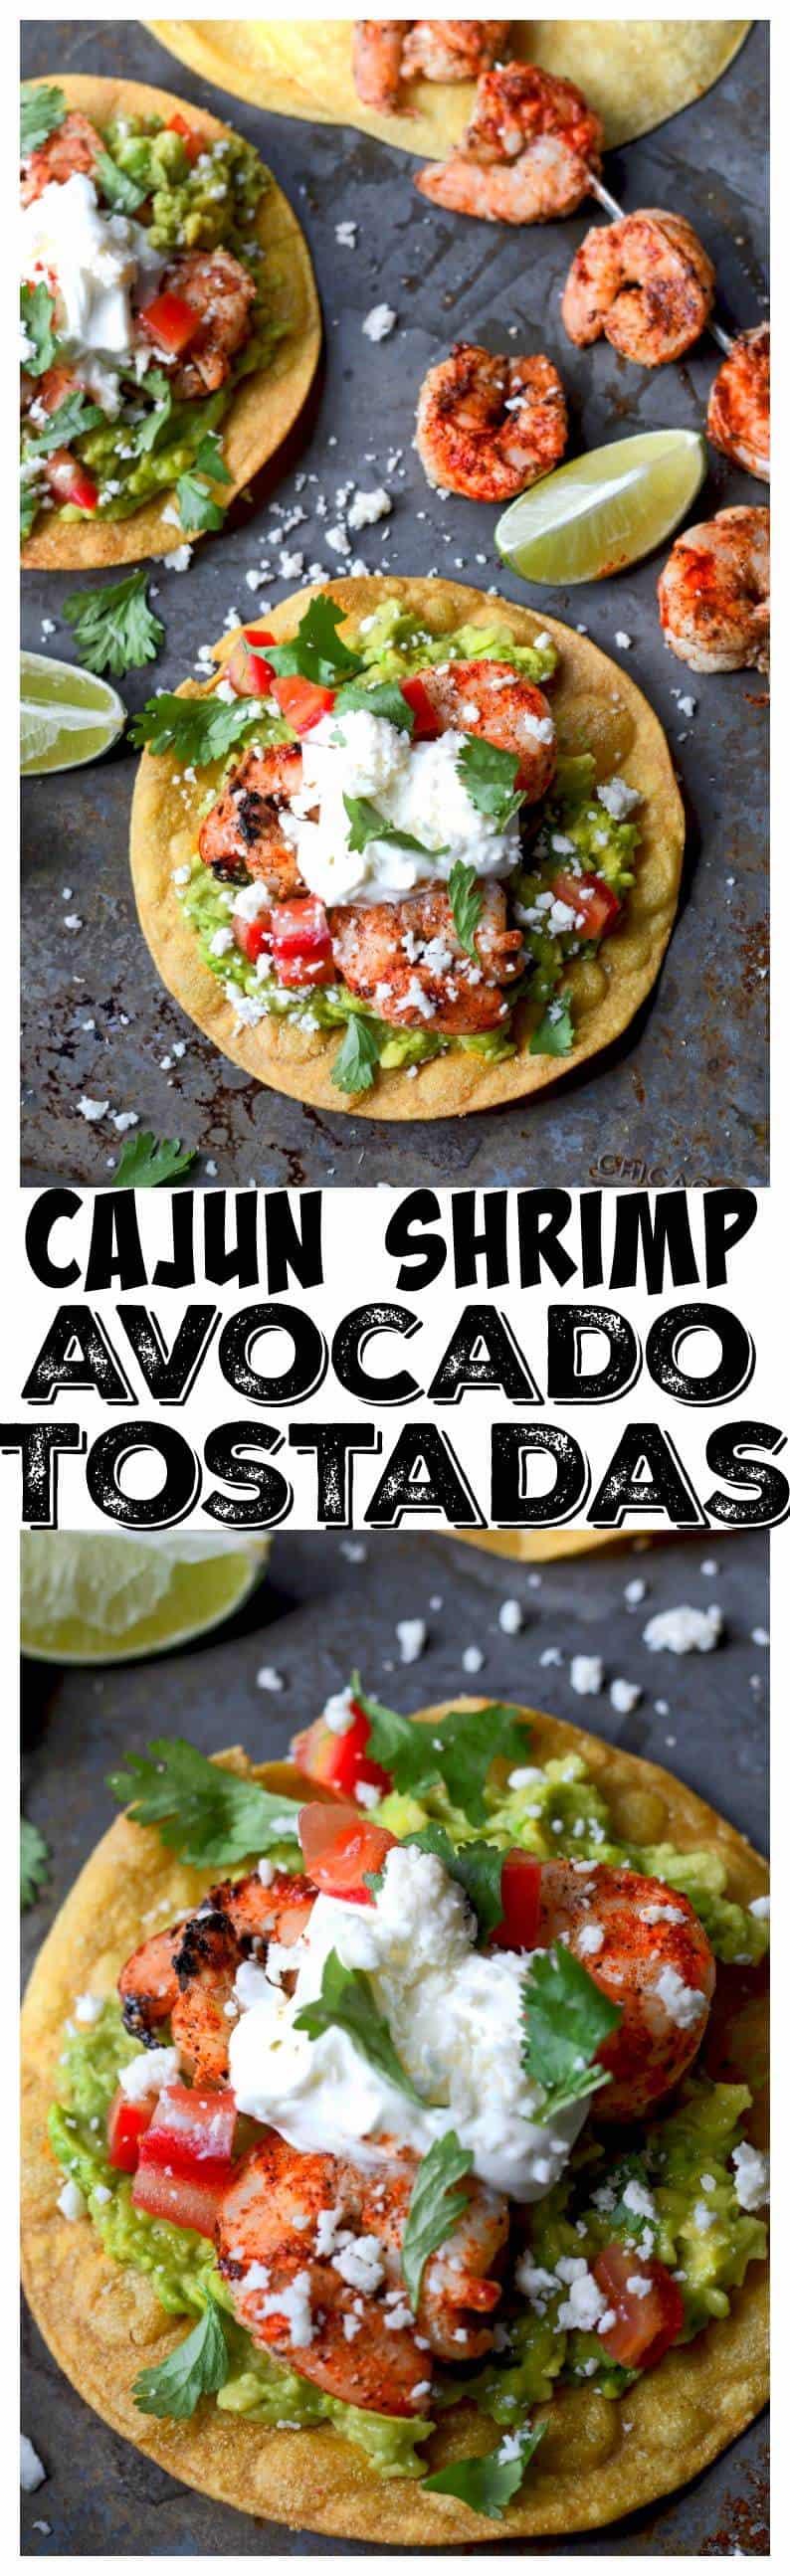 Cajun shrimp avocado tostadas